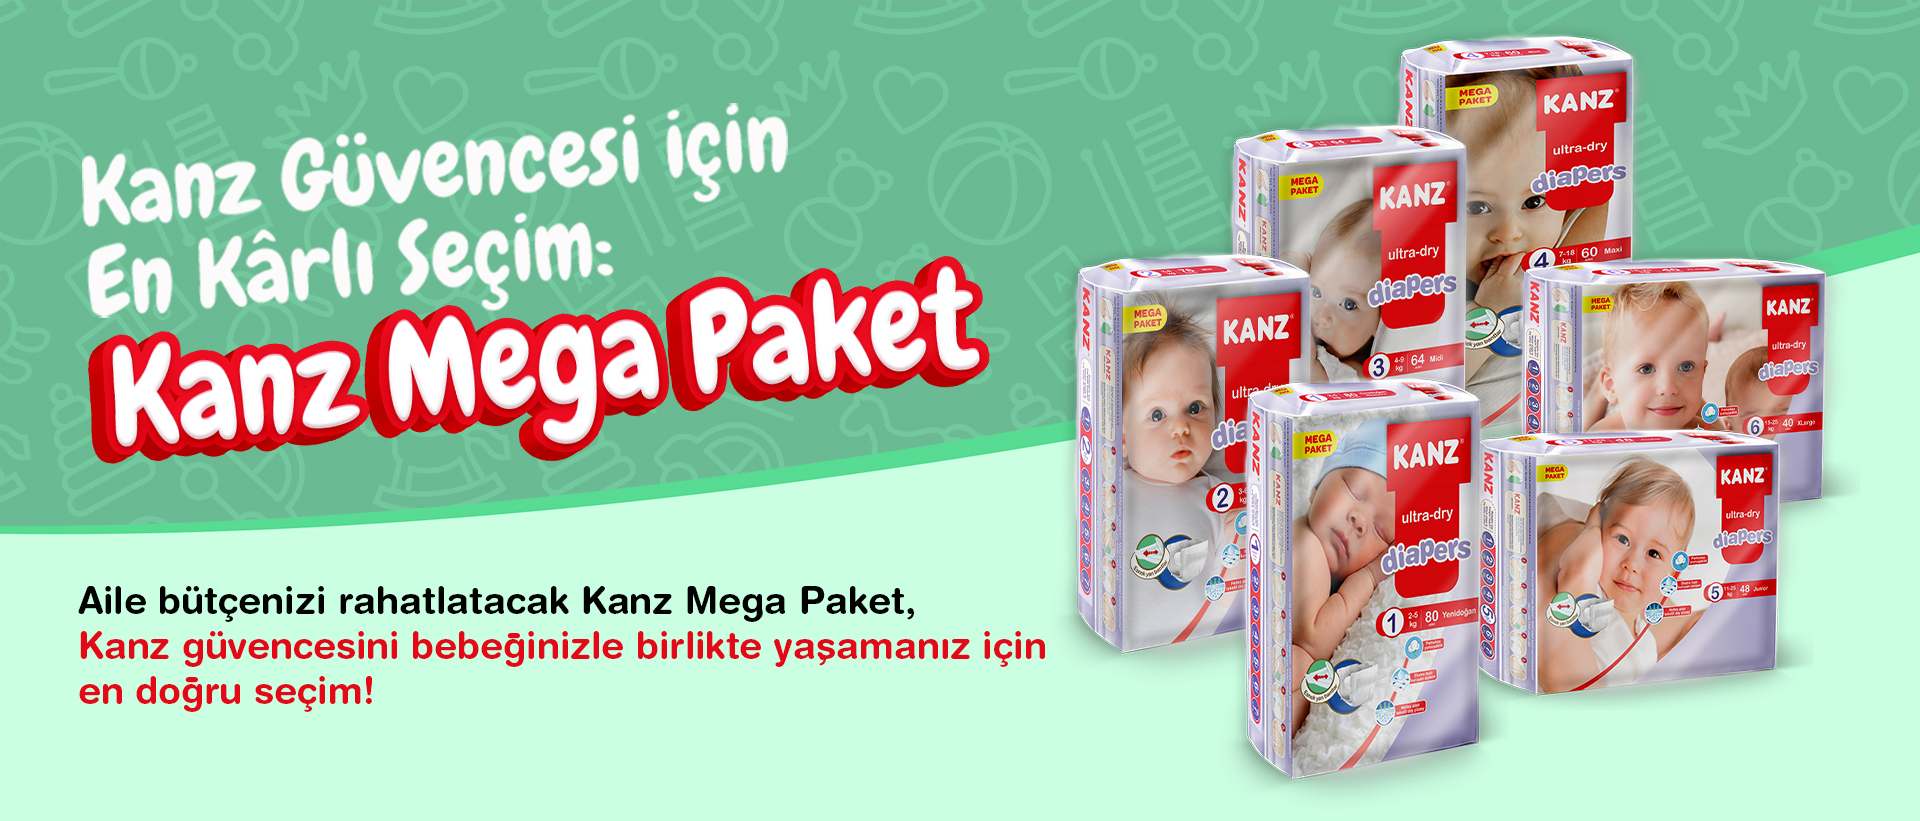 Kanz banner2